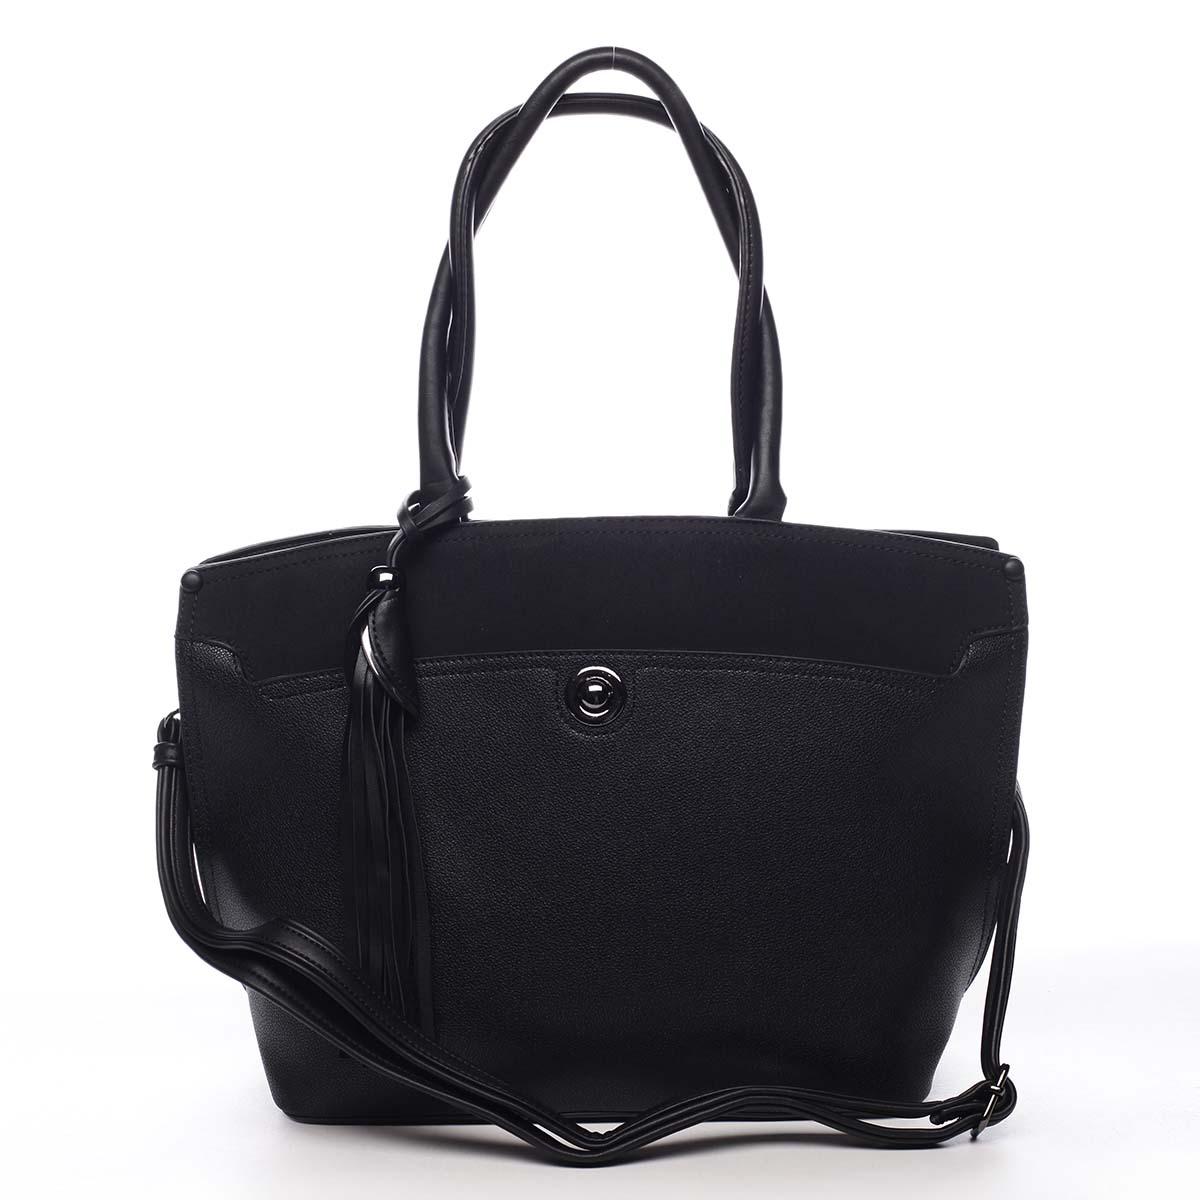 Dámska kabelka cez rameno čierna - Maria C. čierna